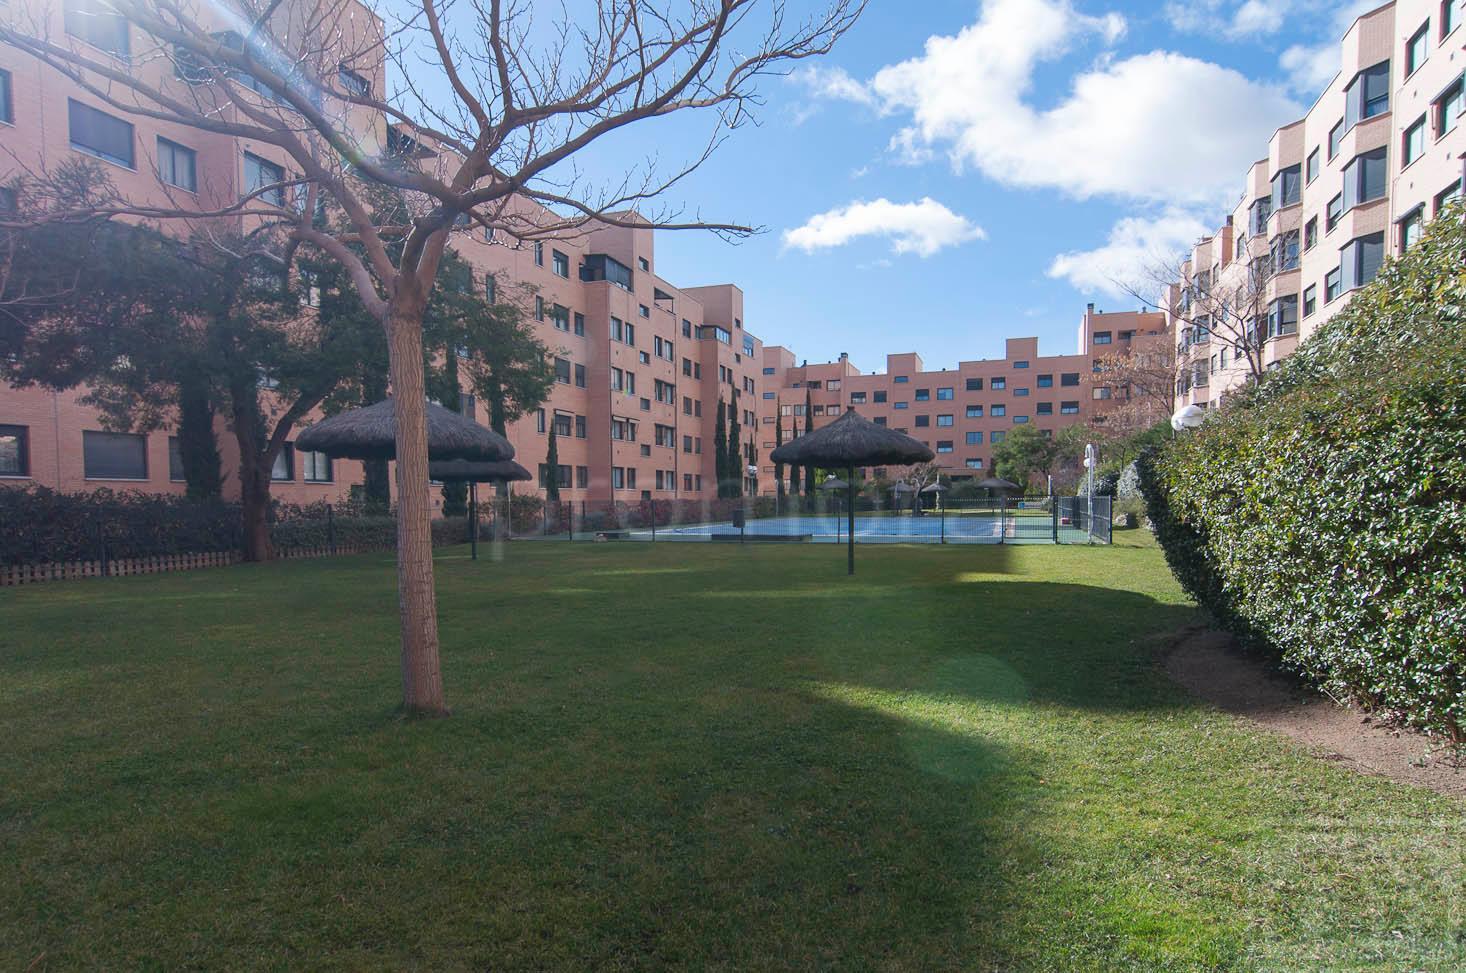 Pisos en alquiler sanchinarro stunning piso en calle de capiscol with pisos en alquiler - Pisos en venta en sanchinarro ...